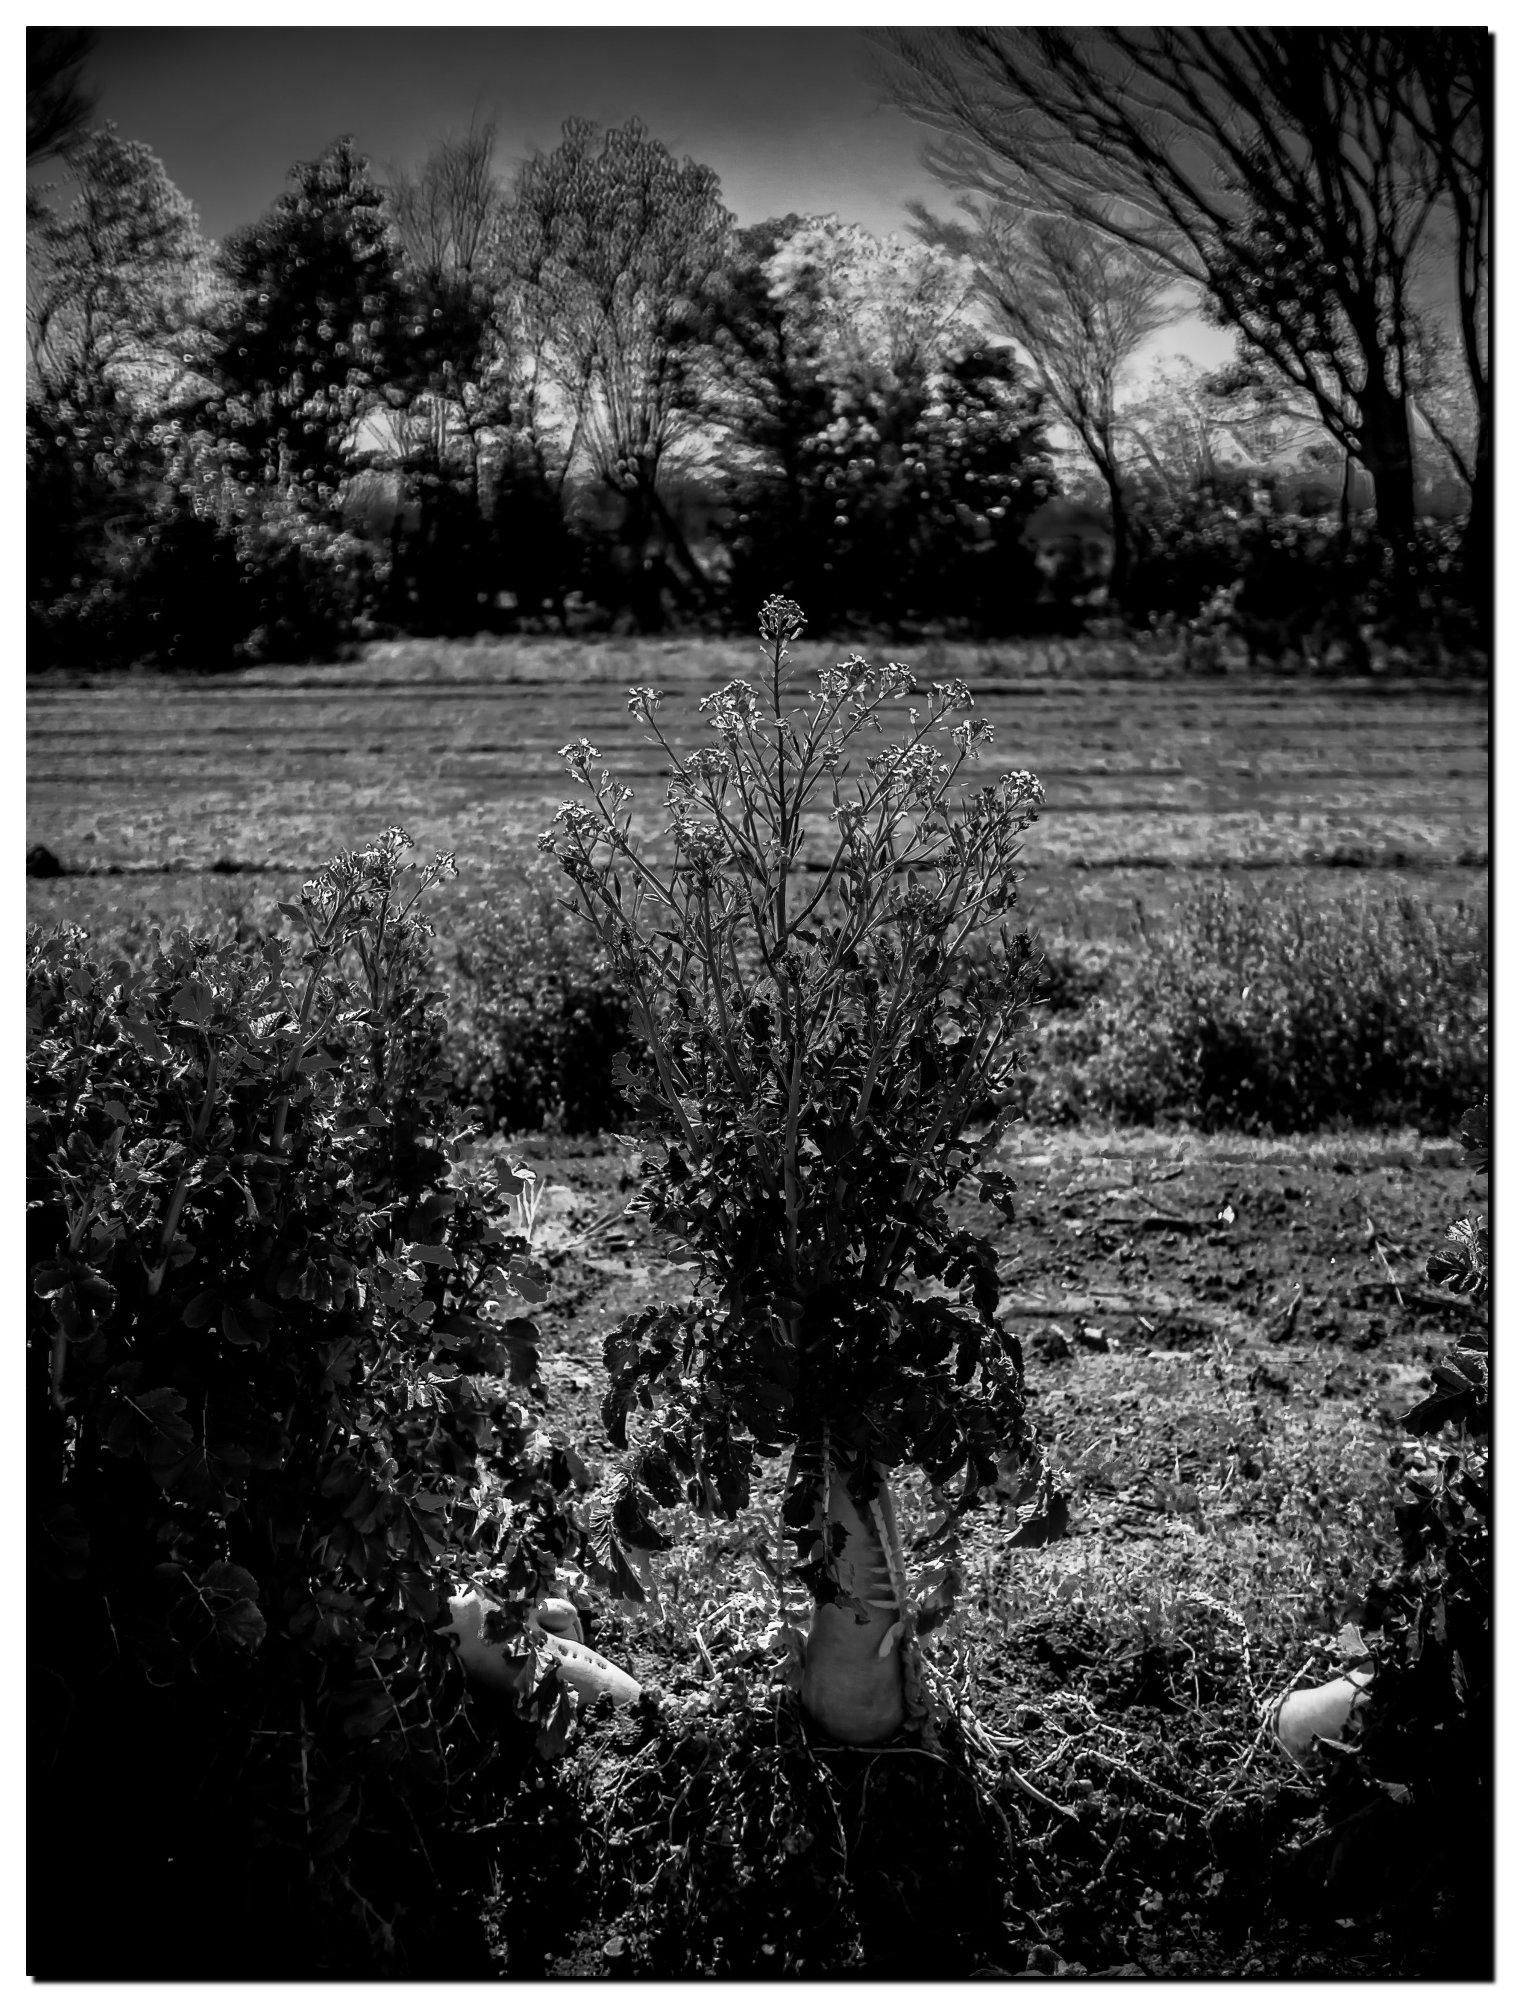 01LR-PF191876-Edit-2.jpg